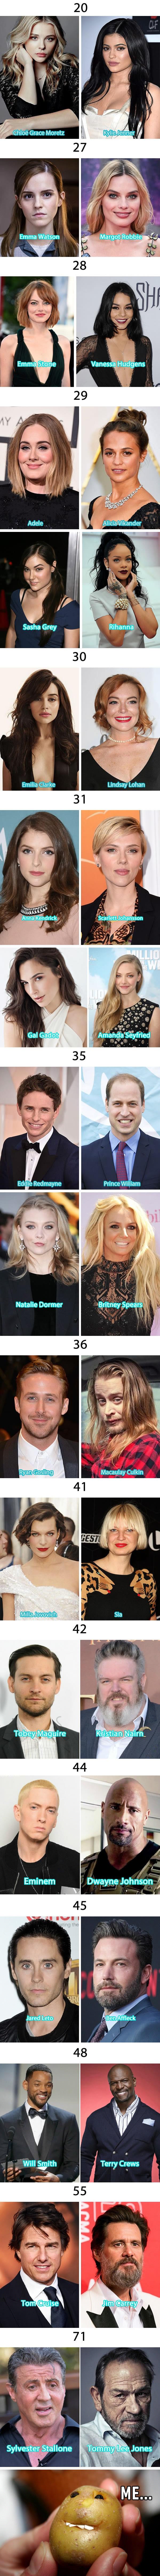 18 пар знаменитостей с одинаковым возрастом 9gag, знаменитости, возраст, длиннопост